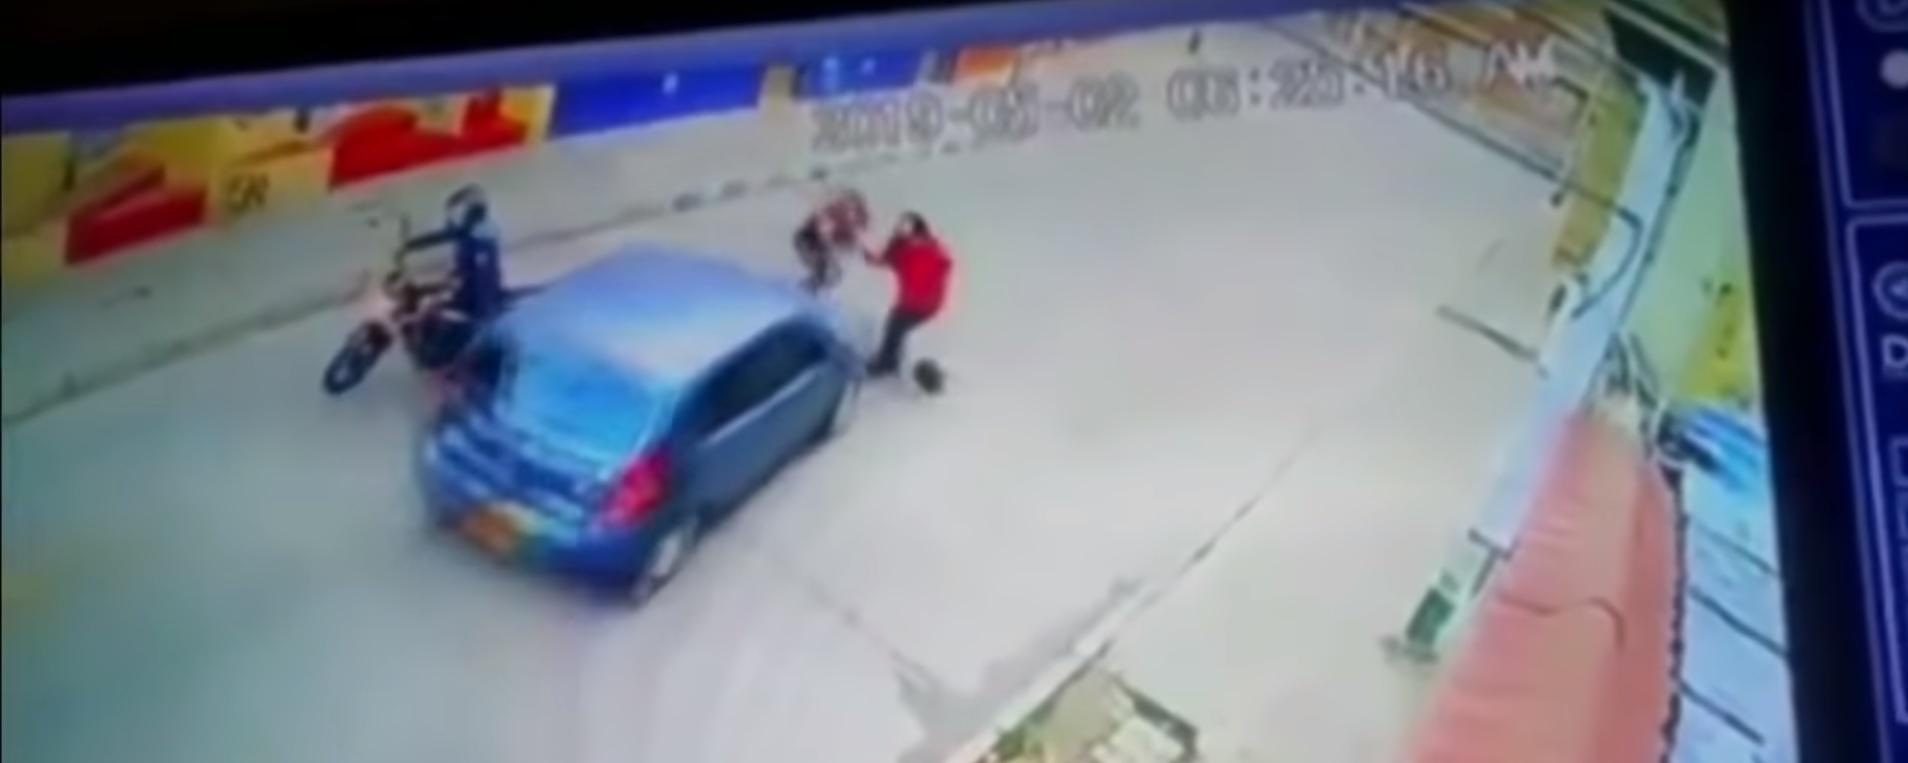 Momento en el que el automovil azul toma la desición de embestir a la ladrona para alejarla de su víctima (Noticias Caracol Captura de Pantalla)